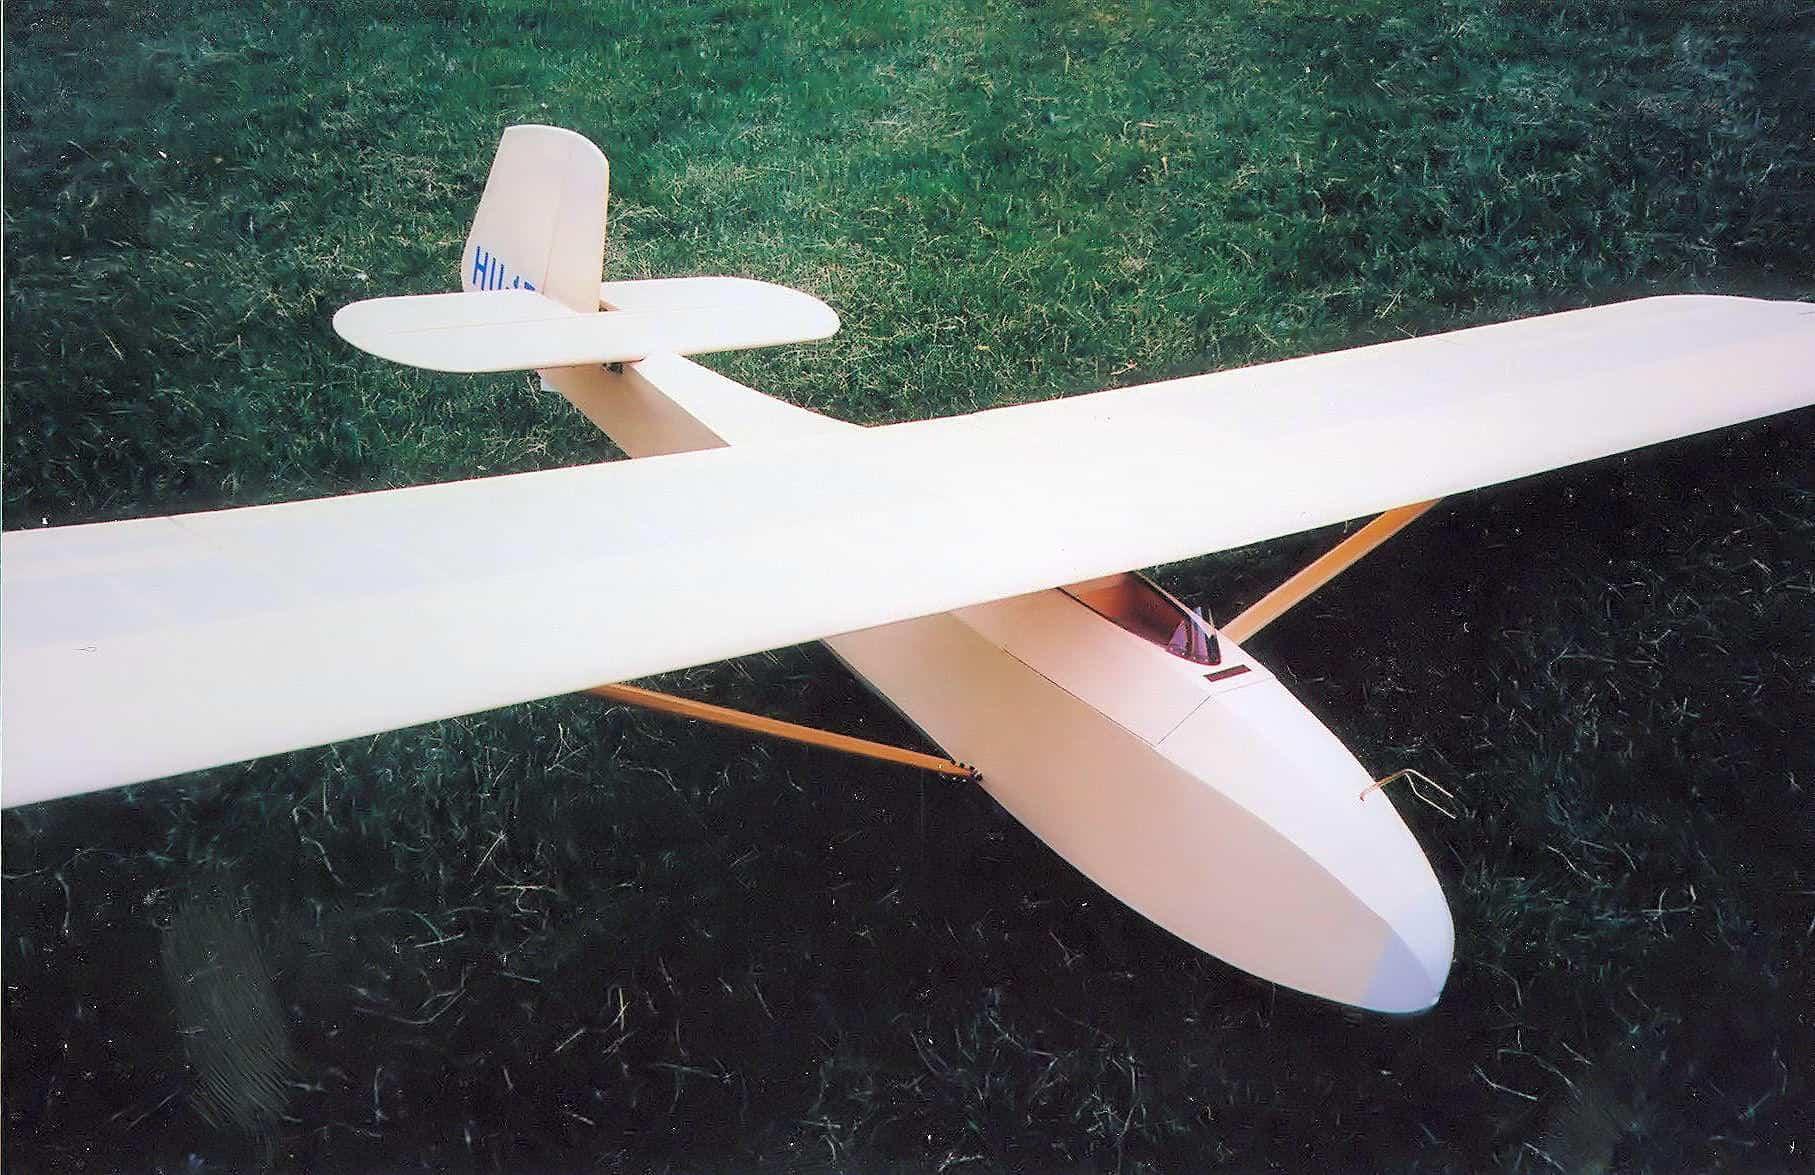 Huetter model 02